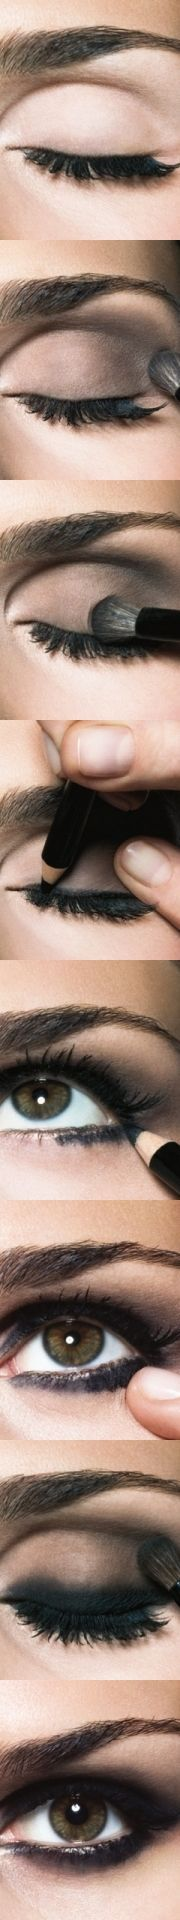 Maquillaje de ojos ahumado en sencillos pasos, busca más ideas en http://www.1001consejos.com/